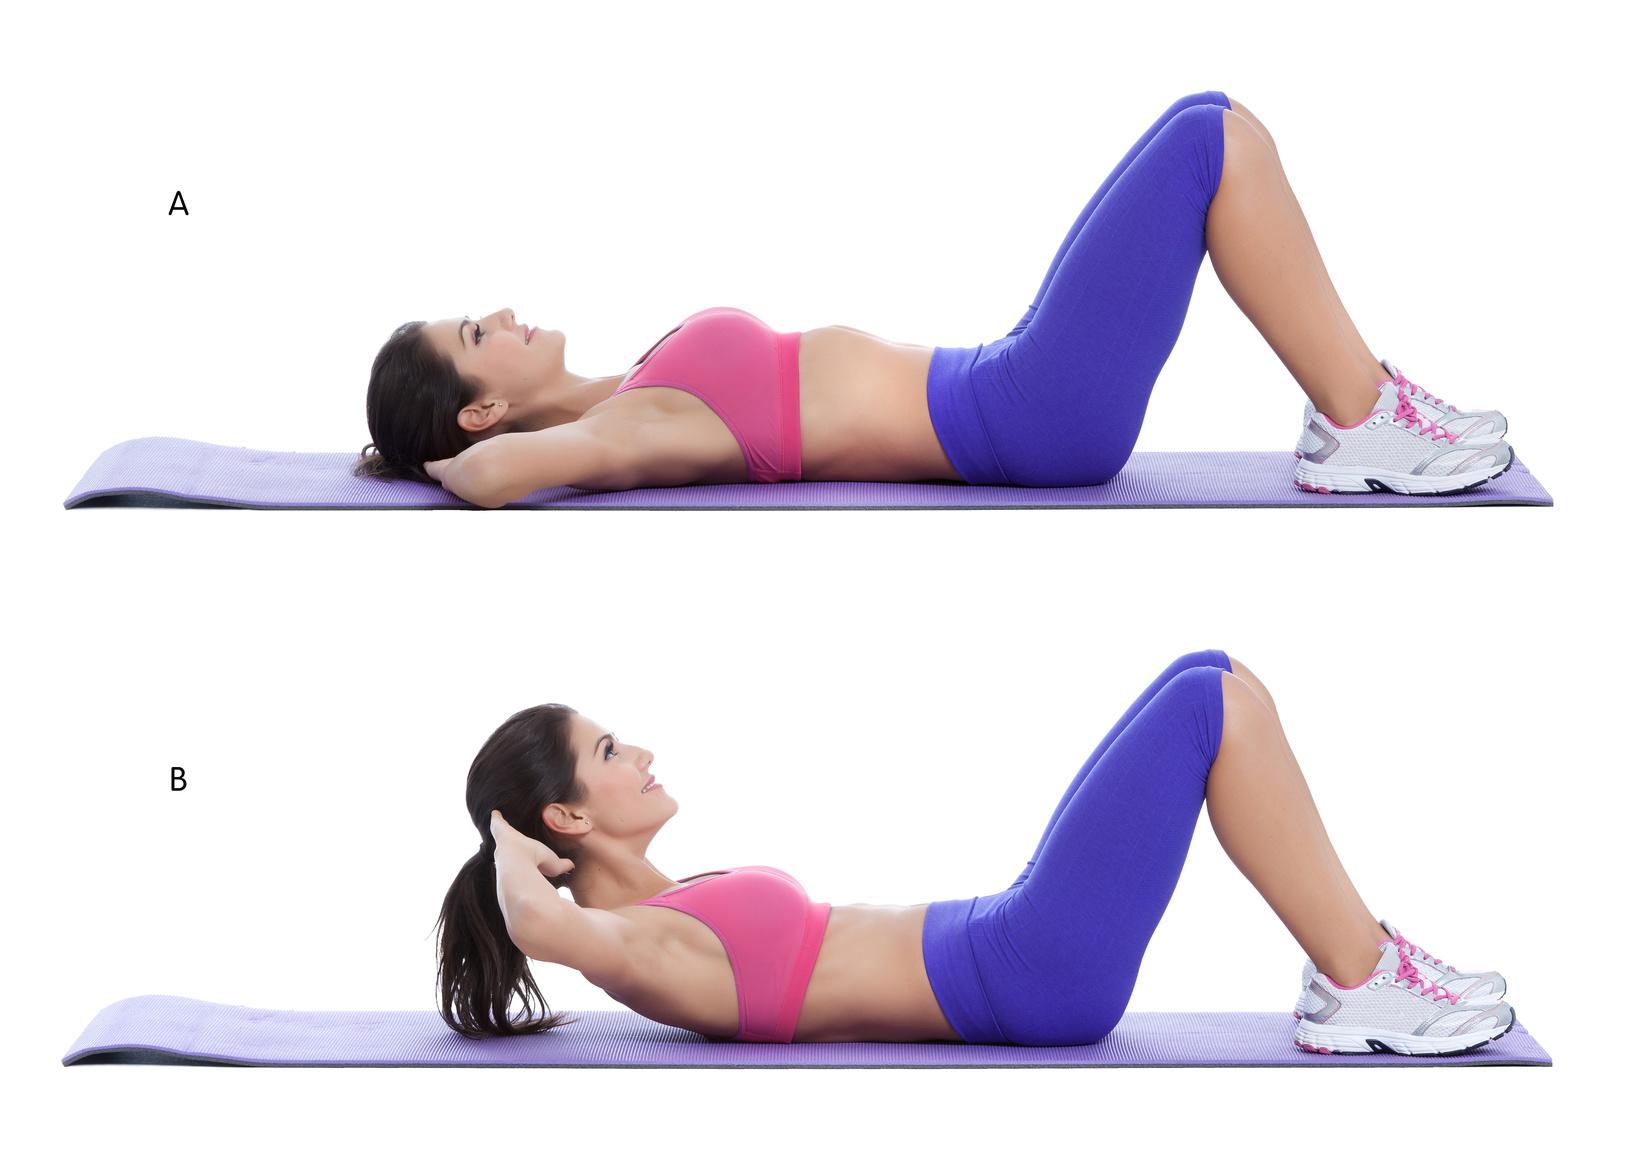 упражнение поднимание верхней части туловища для укрепления мышц кора